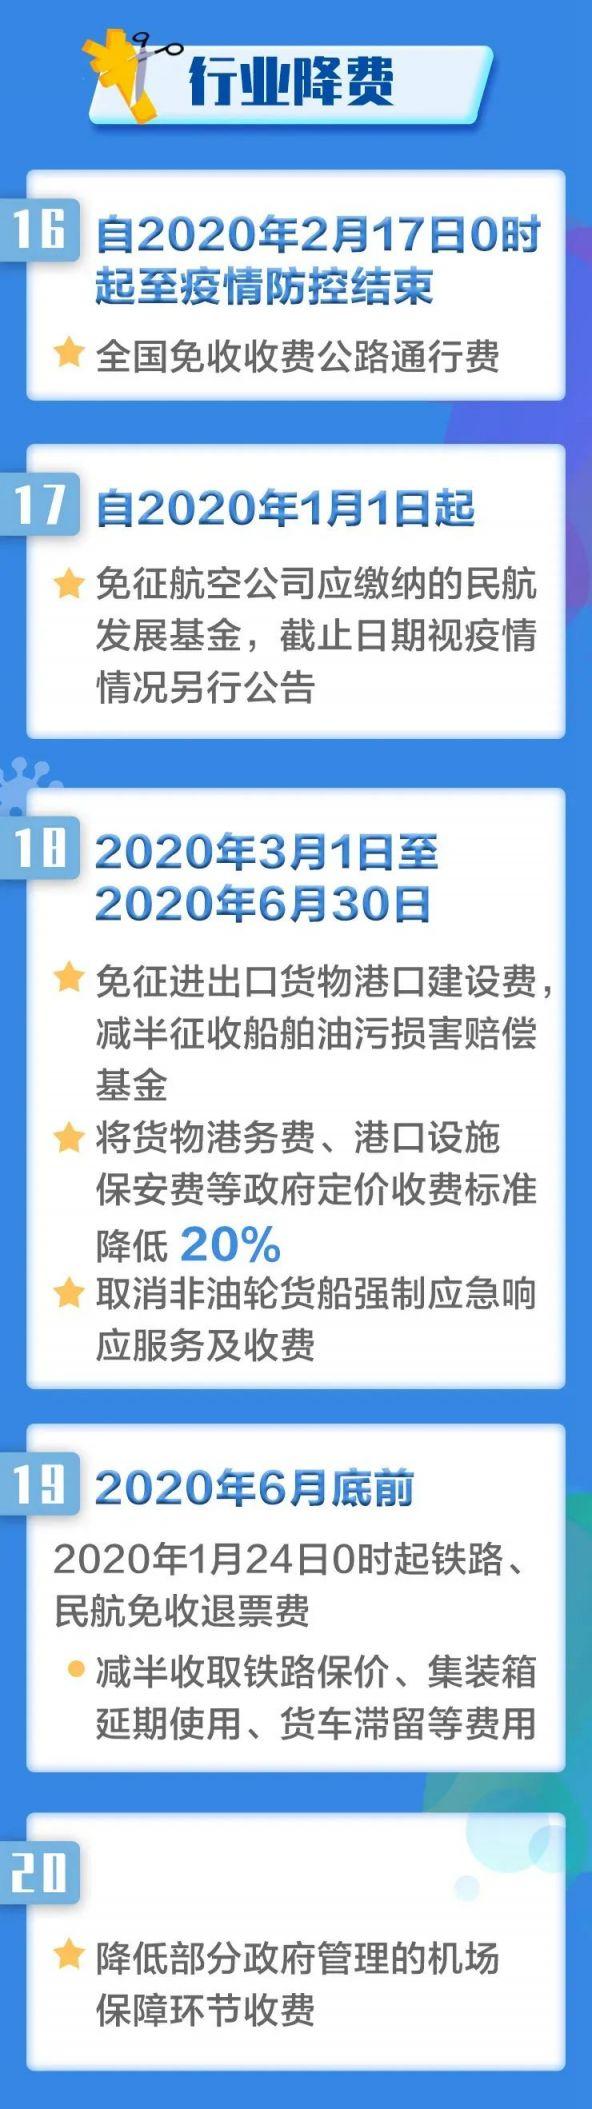 交通运输业减负37条政策措施发布